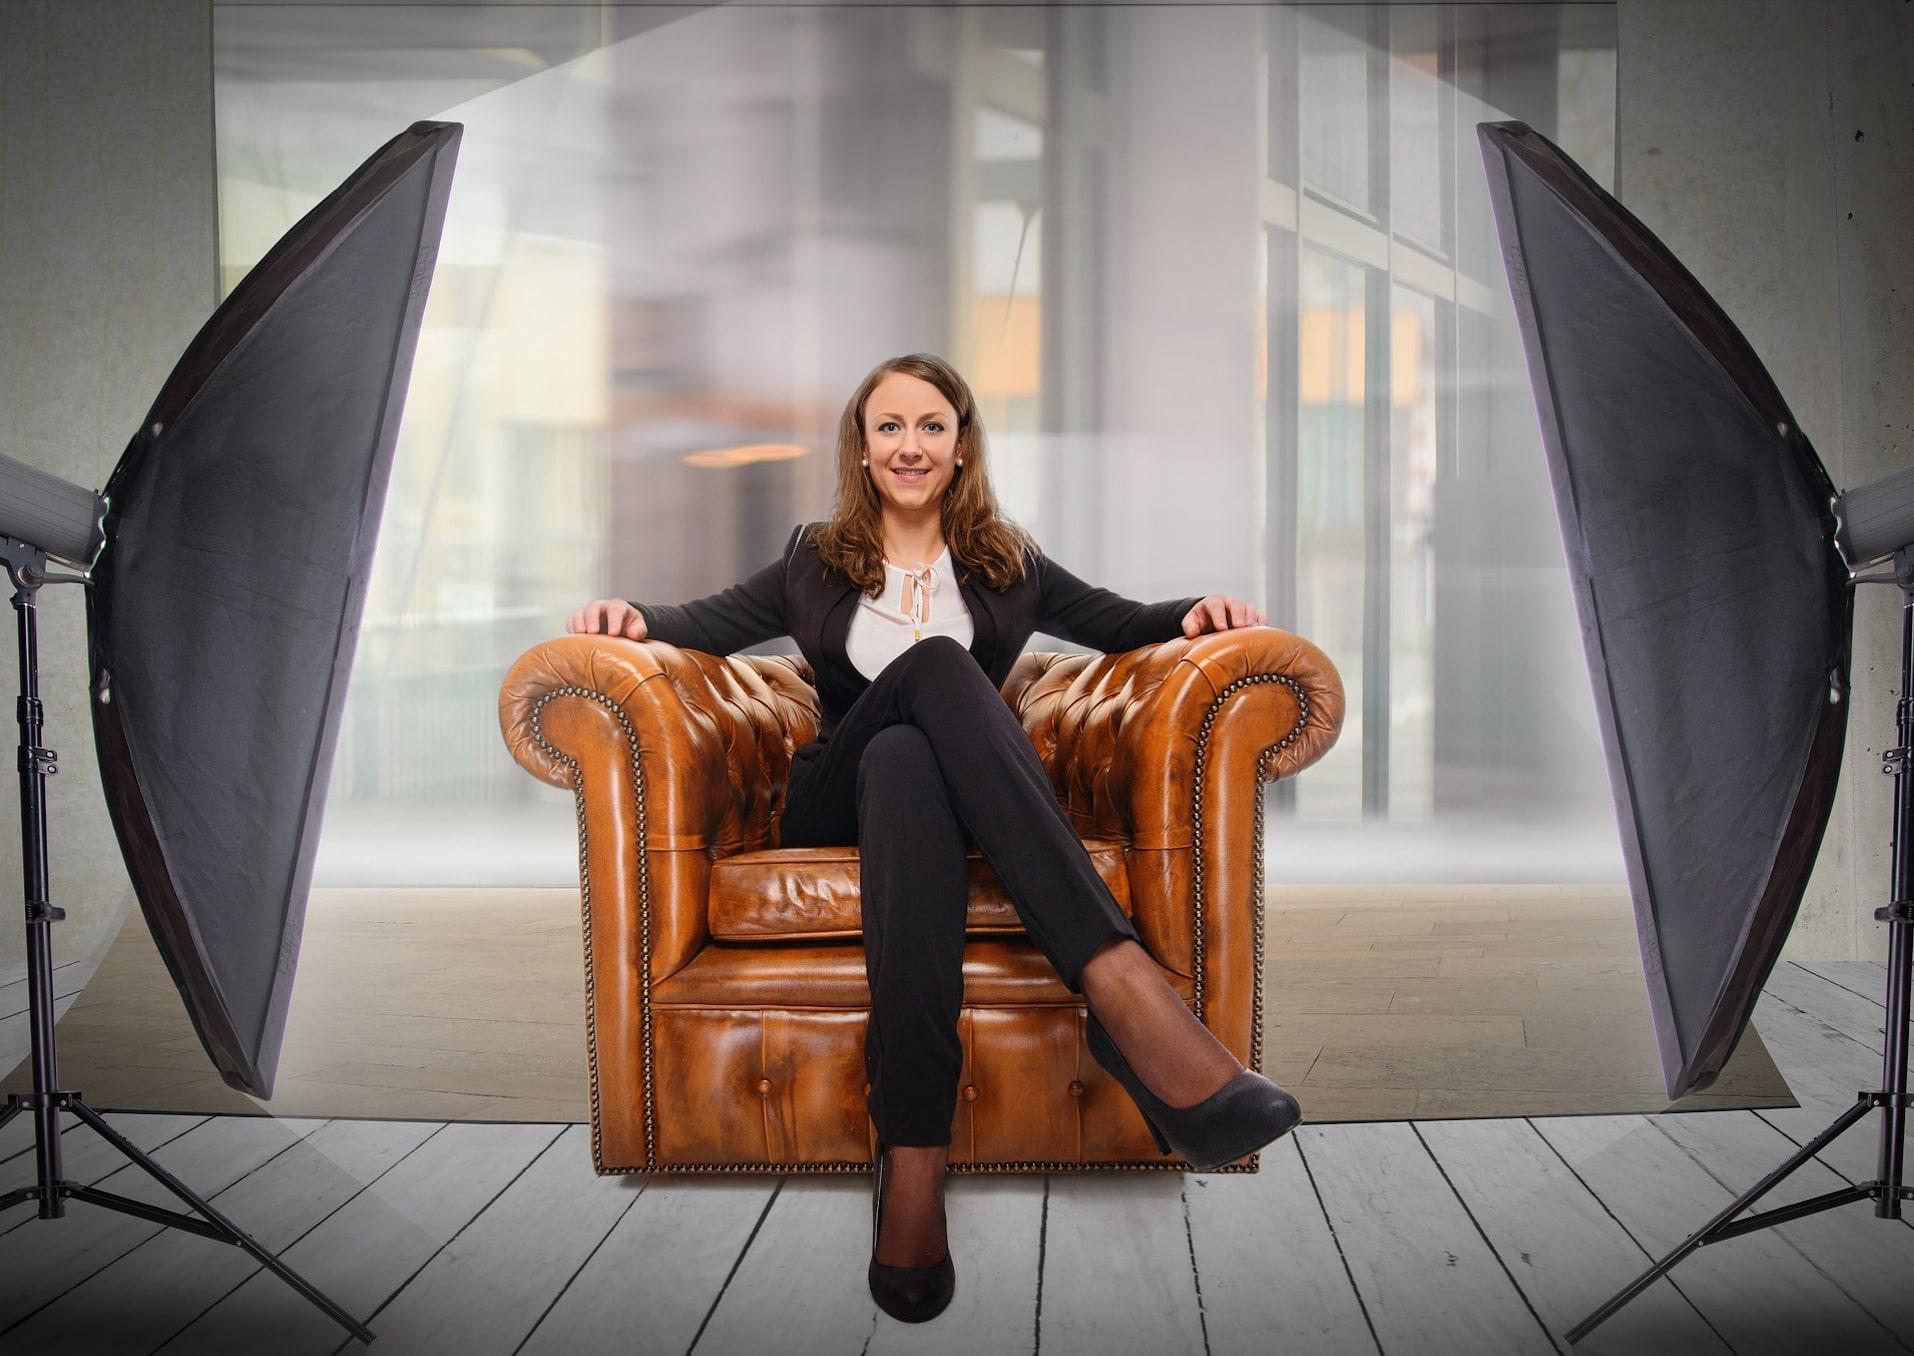 Donna sicura di sé e pronta alla sfida professionale nel trovare lavoro